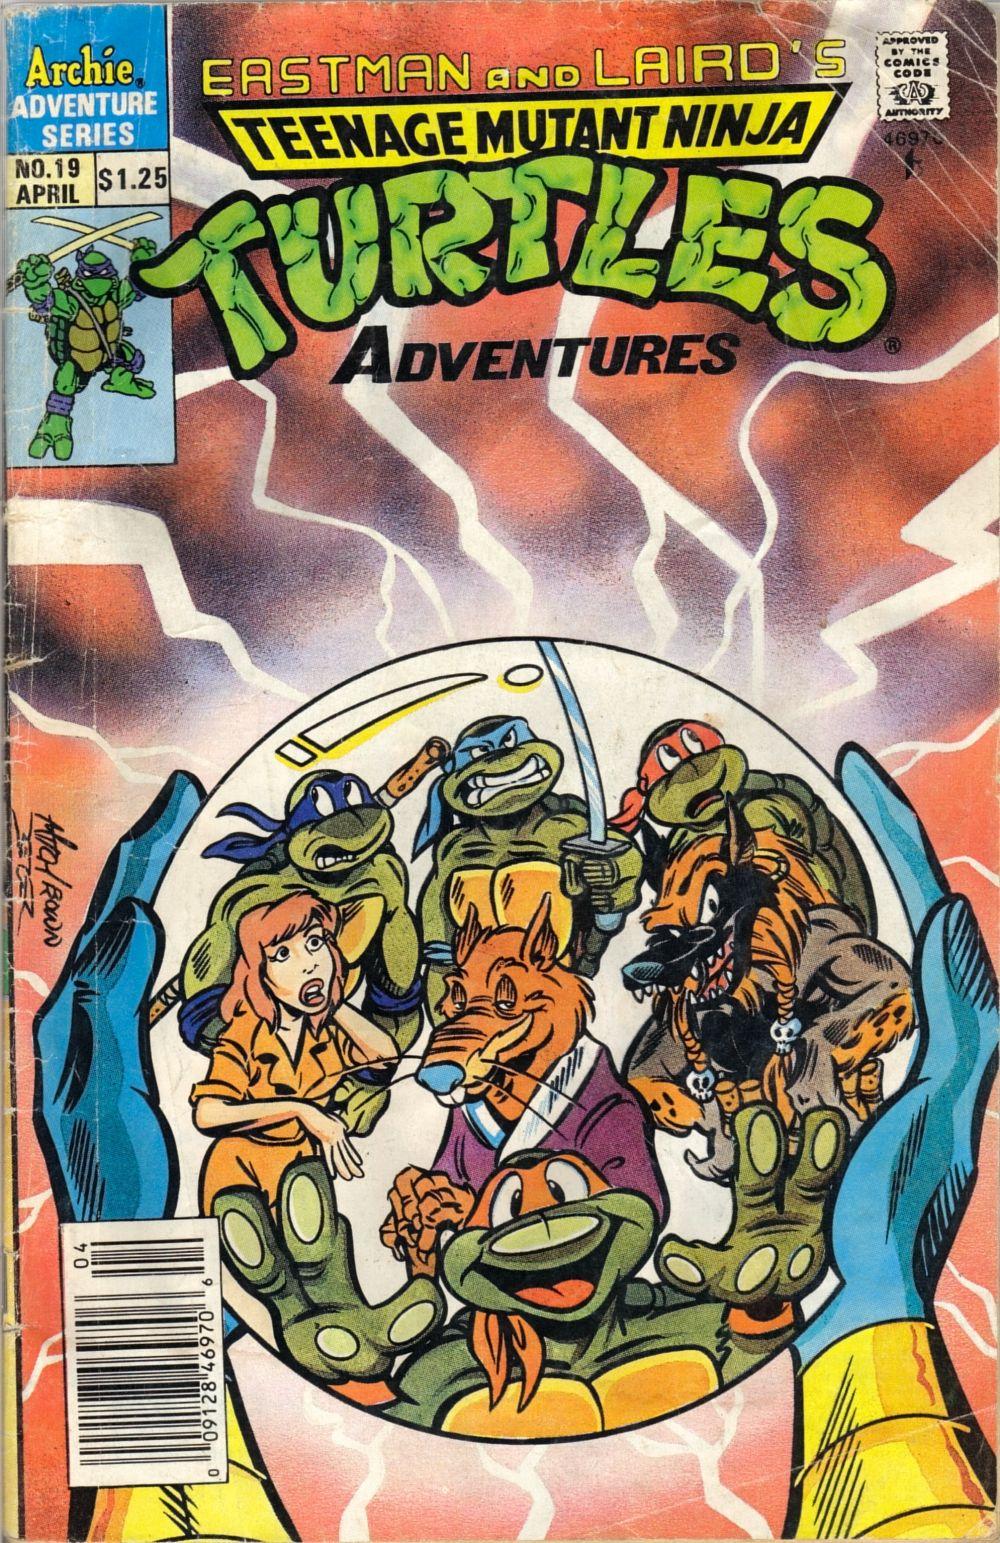 Top 10 Teenage Mutant Ninja Turtles Amazing Adventures 4 ...